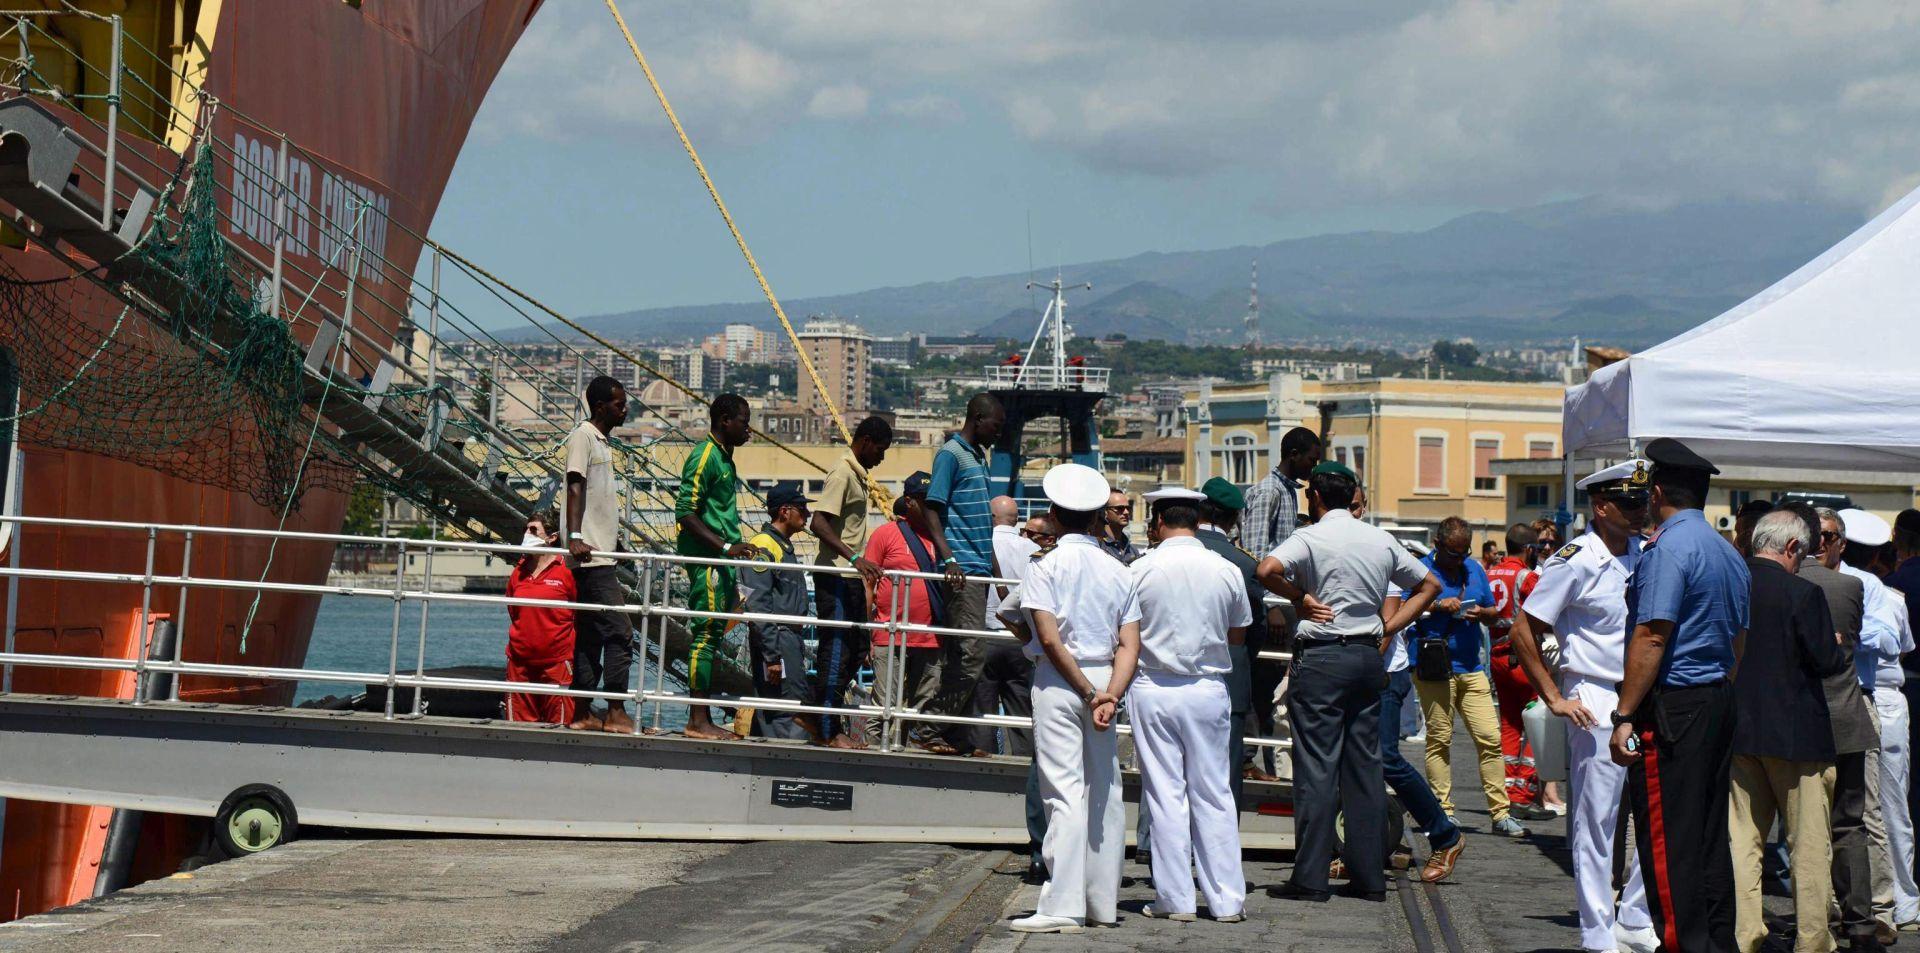 VJEROJATNO SE UGUŠILI NA BRODU U Italiju stiglo 49 mrtvih migranata